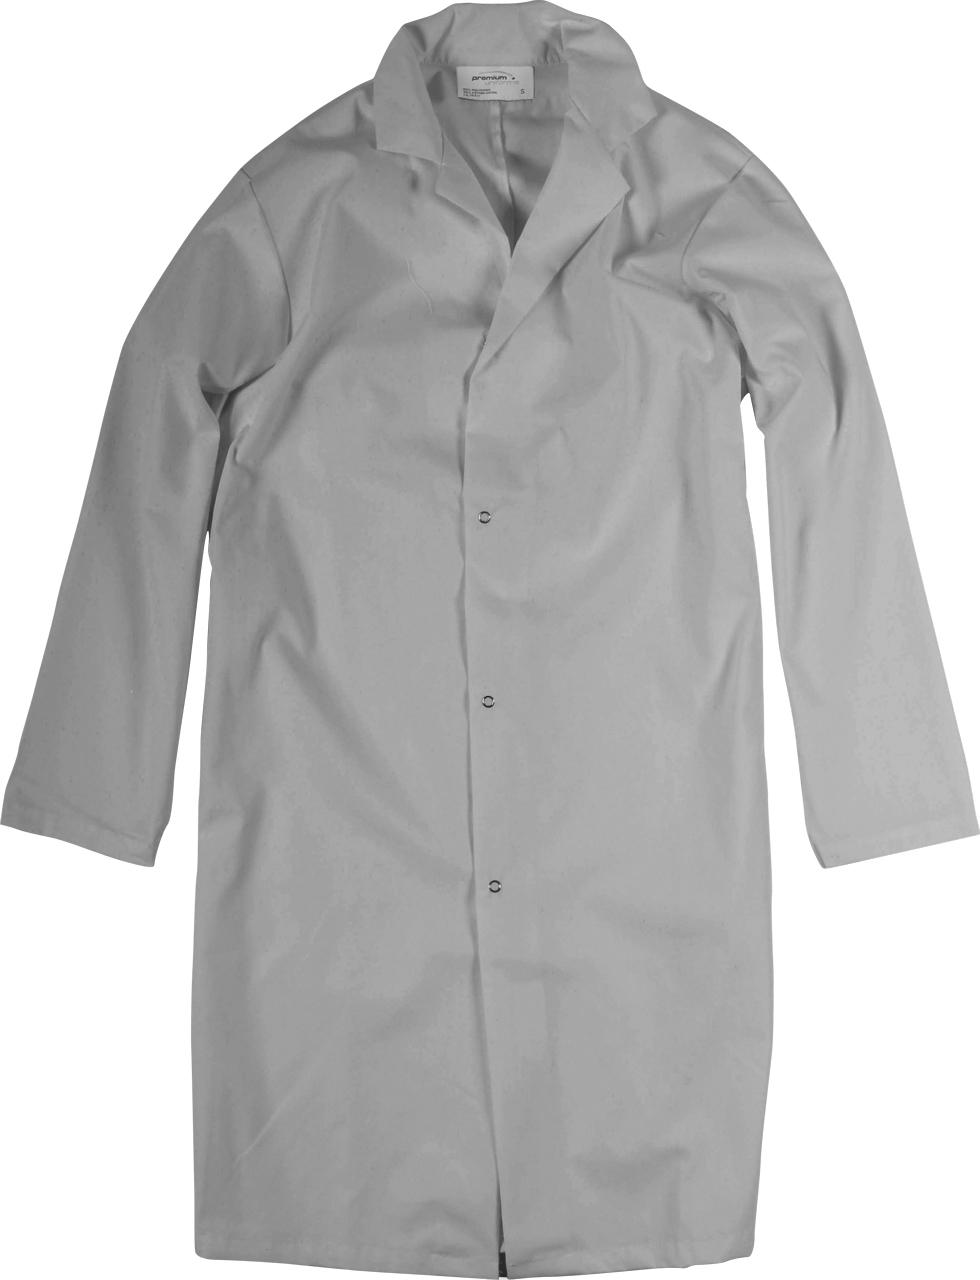 Picture of Premium Uniforms Men's Lab Coat With Snap Closure